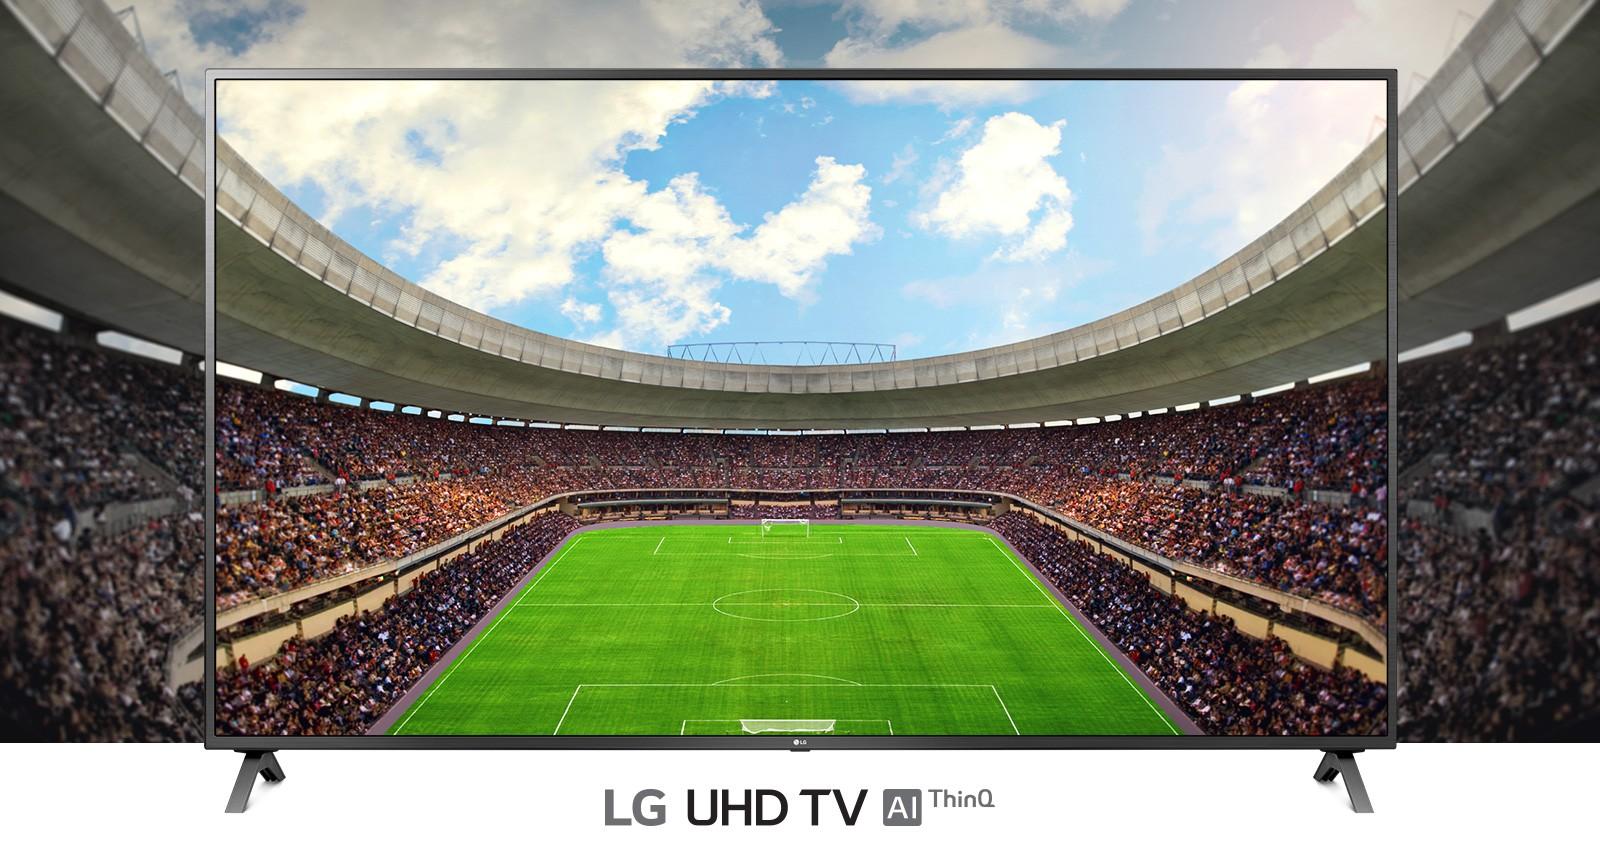 На экране телевизора показан панорамный вид футбольного стадиона, полного зрителей.